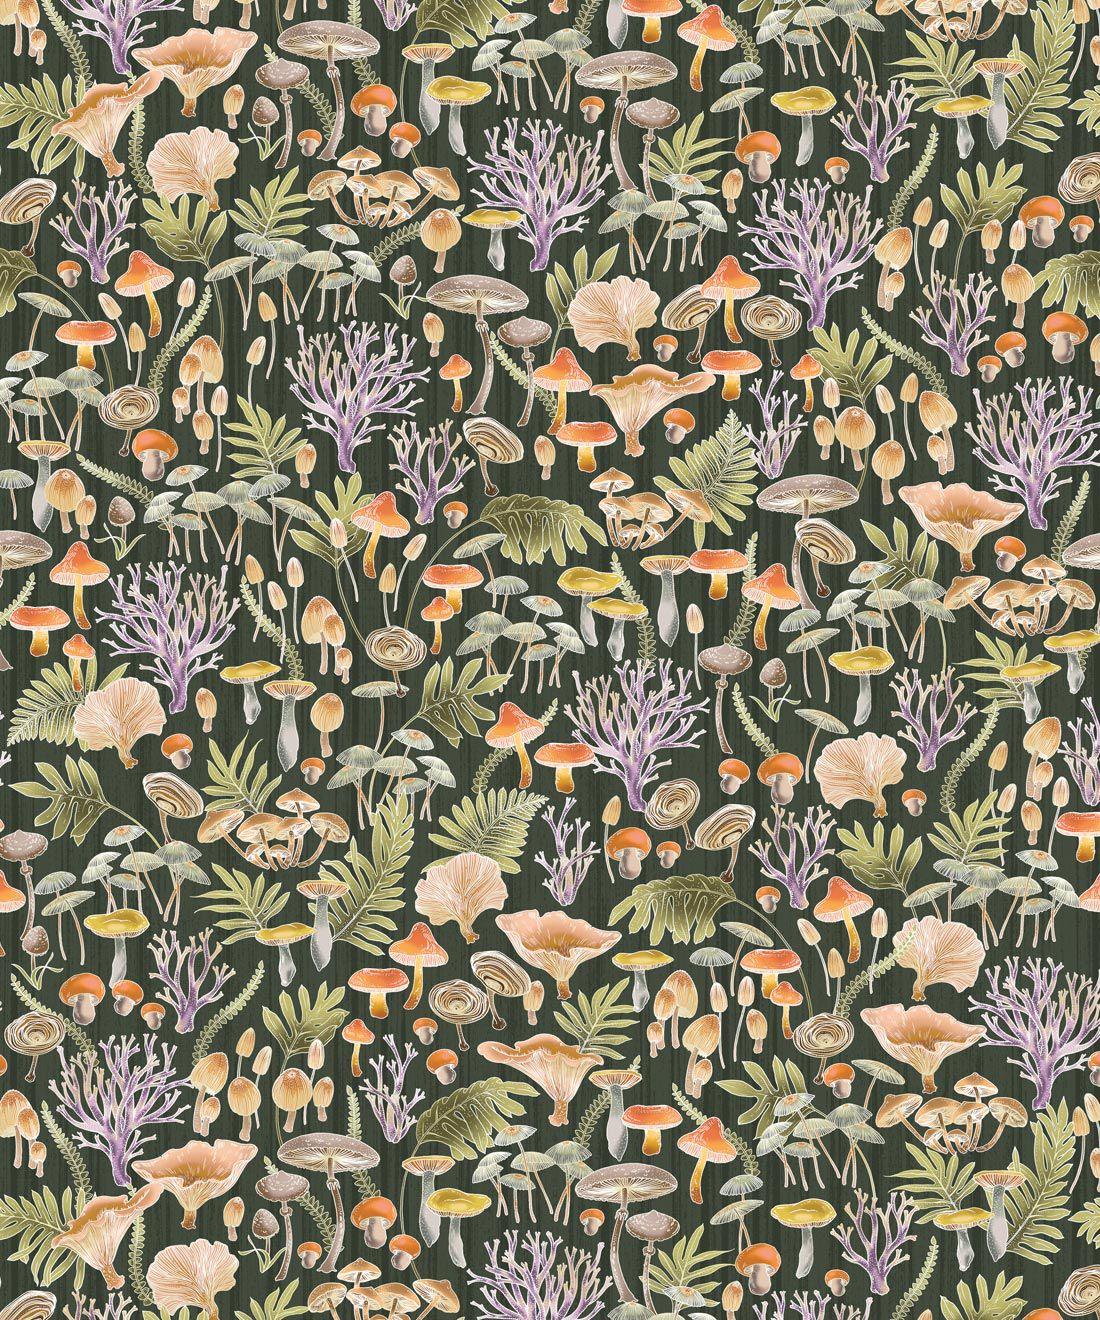 Fungi Wallpaper • Eloise Short • Vintage Floral Wallpaper •Granny Chic Wallpaper • Grandmillennial Style Wallpaper •Olive •Swatch